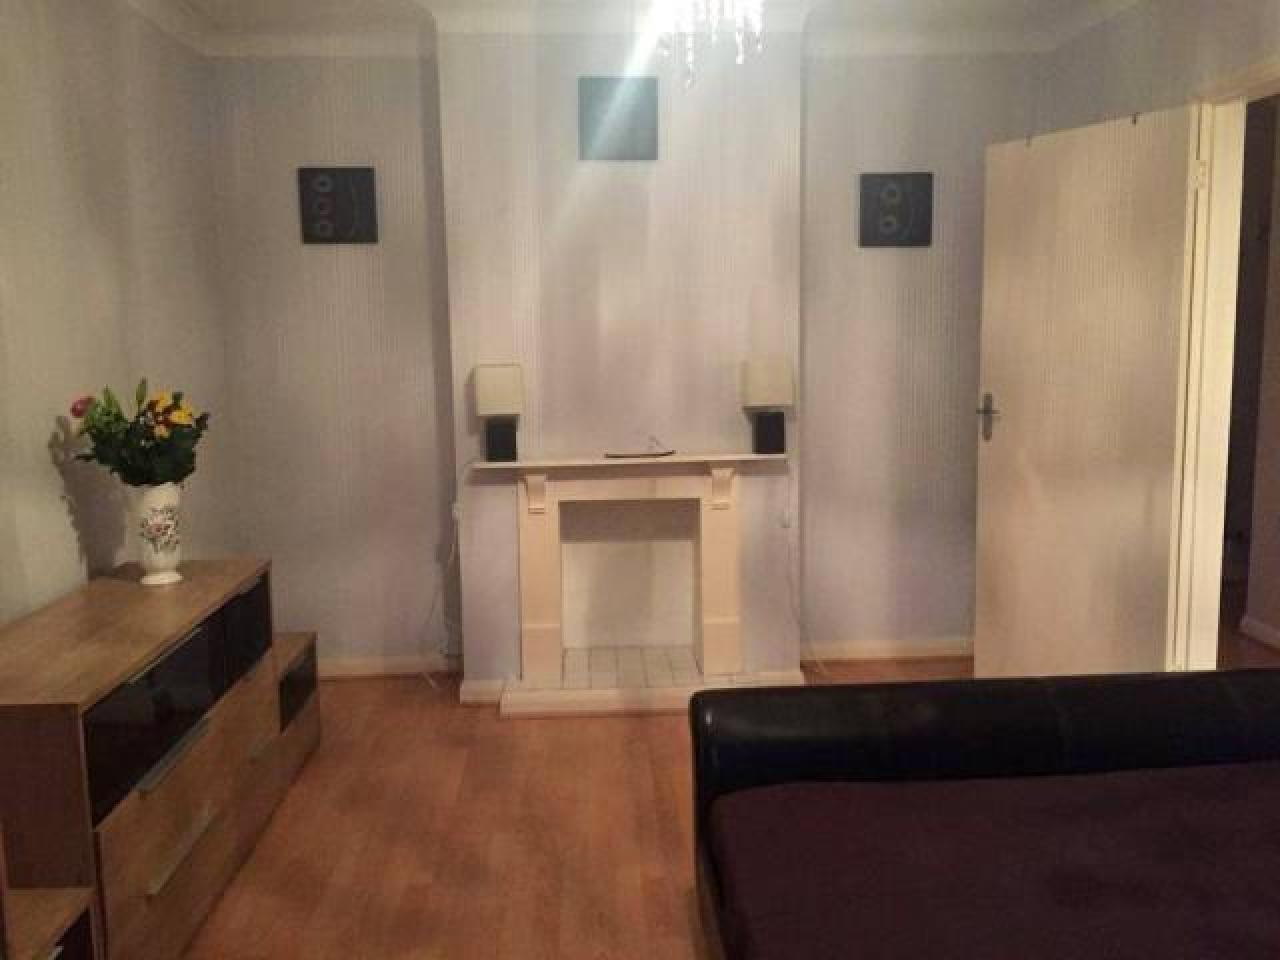 Сдается замечательная двухместная комната в Eltham. ВСЕ СЧЕТА ВКЛЮЧЕНЫ. - 4